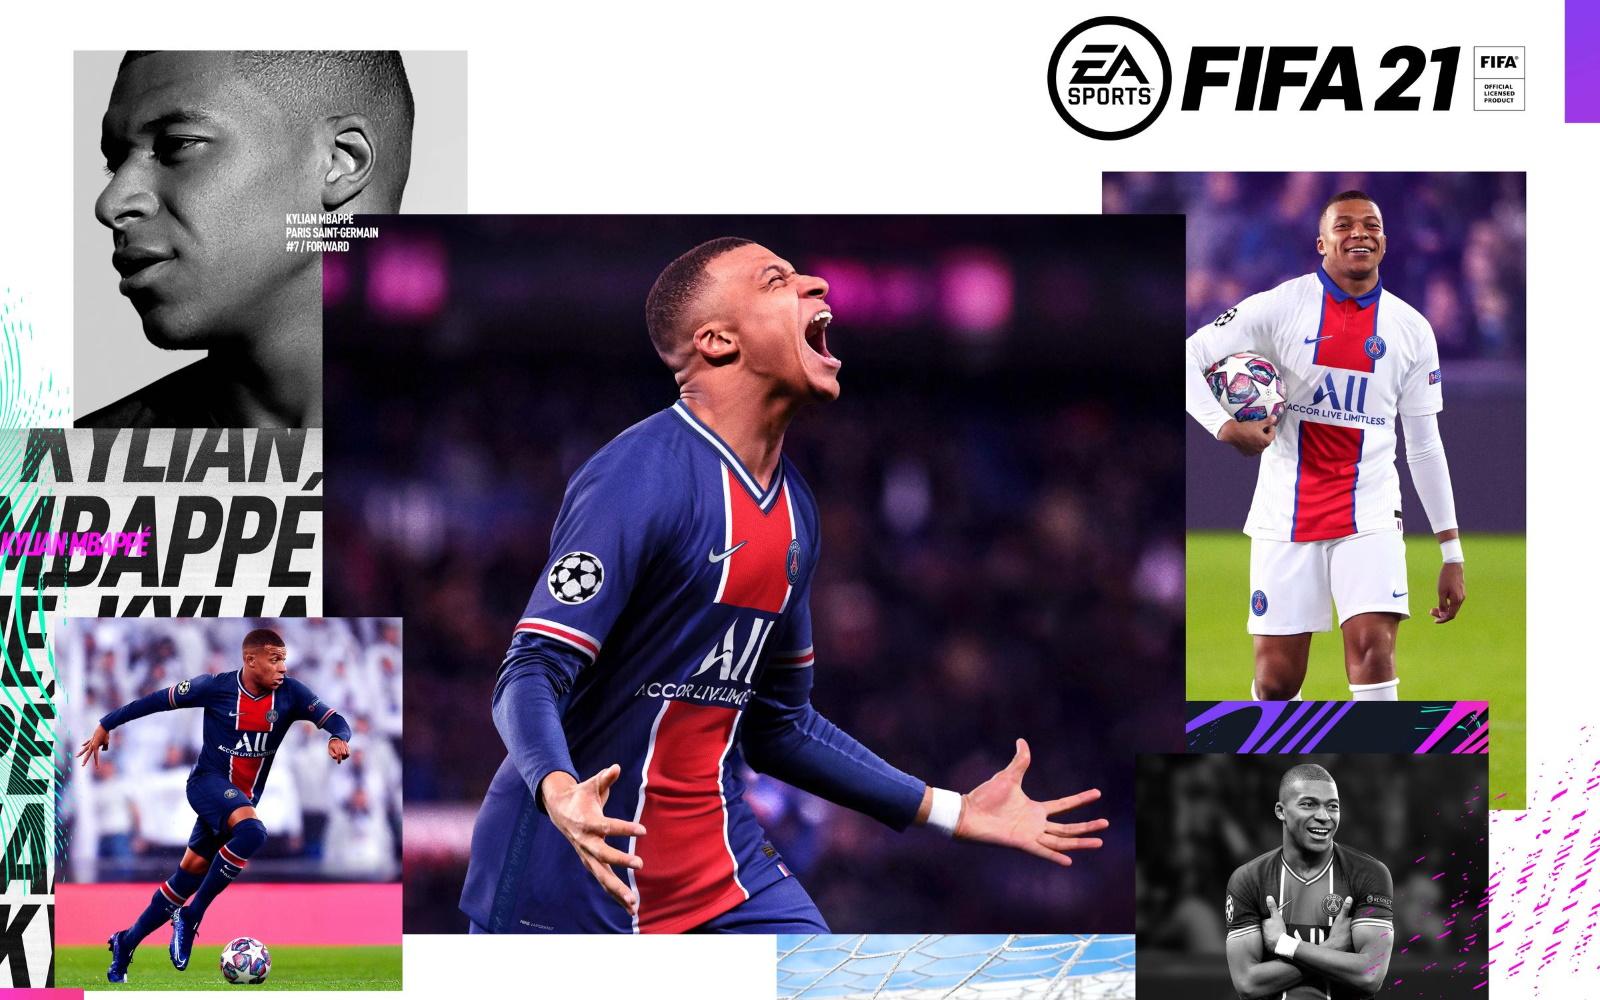 FIFA 21 Cover Star & Artwork Revealed